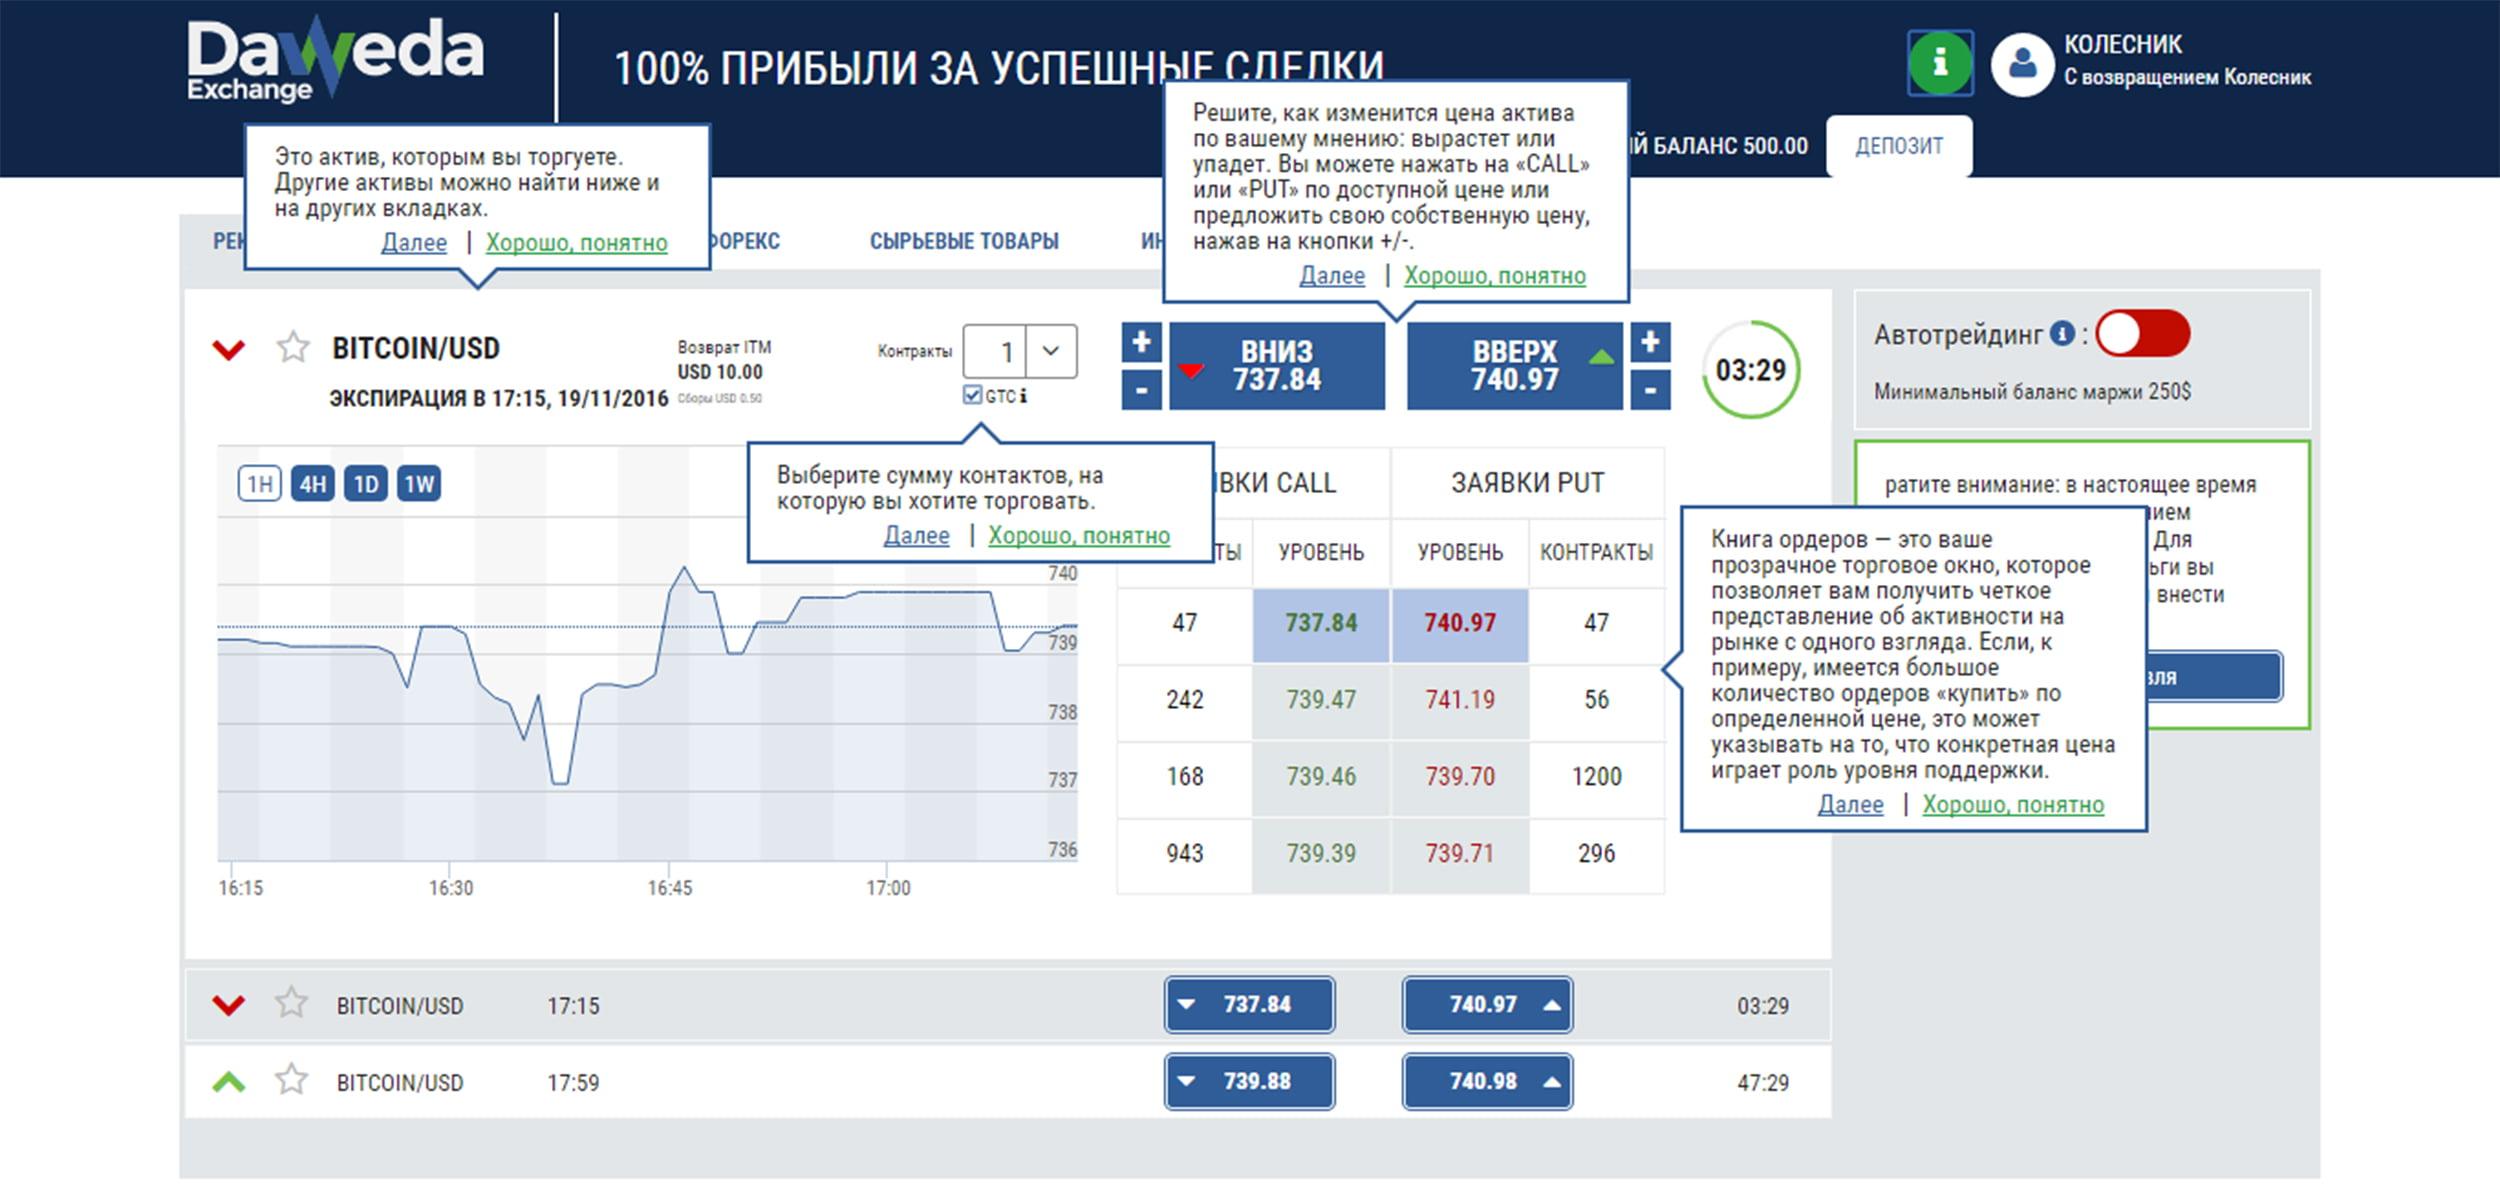 Учебник – это подсказки по работе с платформой Daweda Exchange